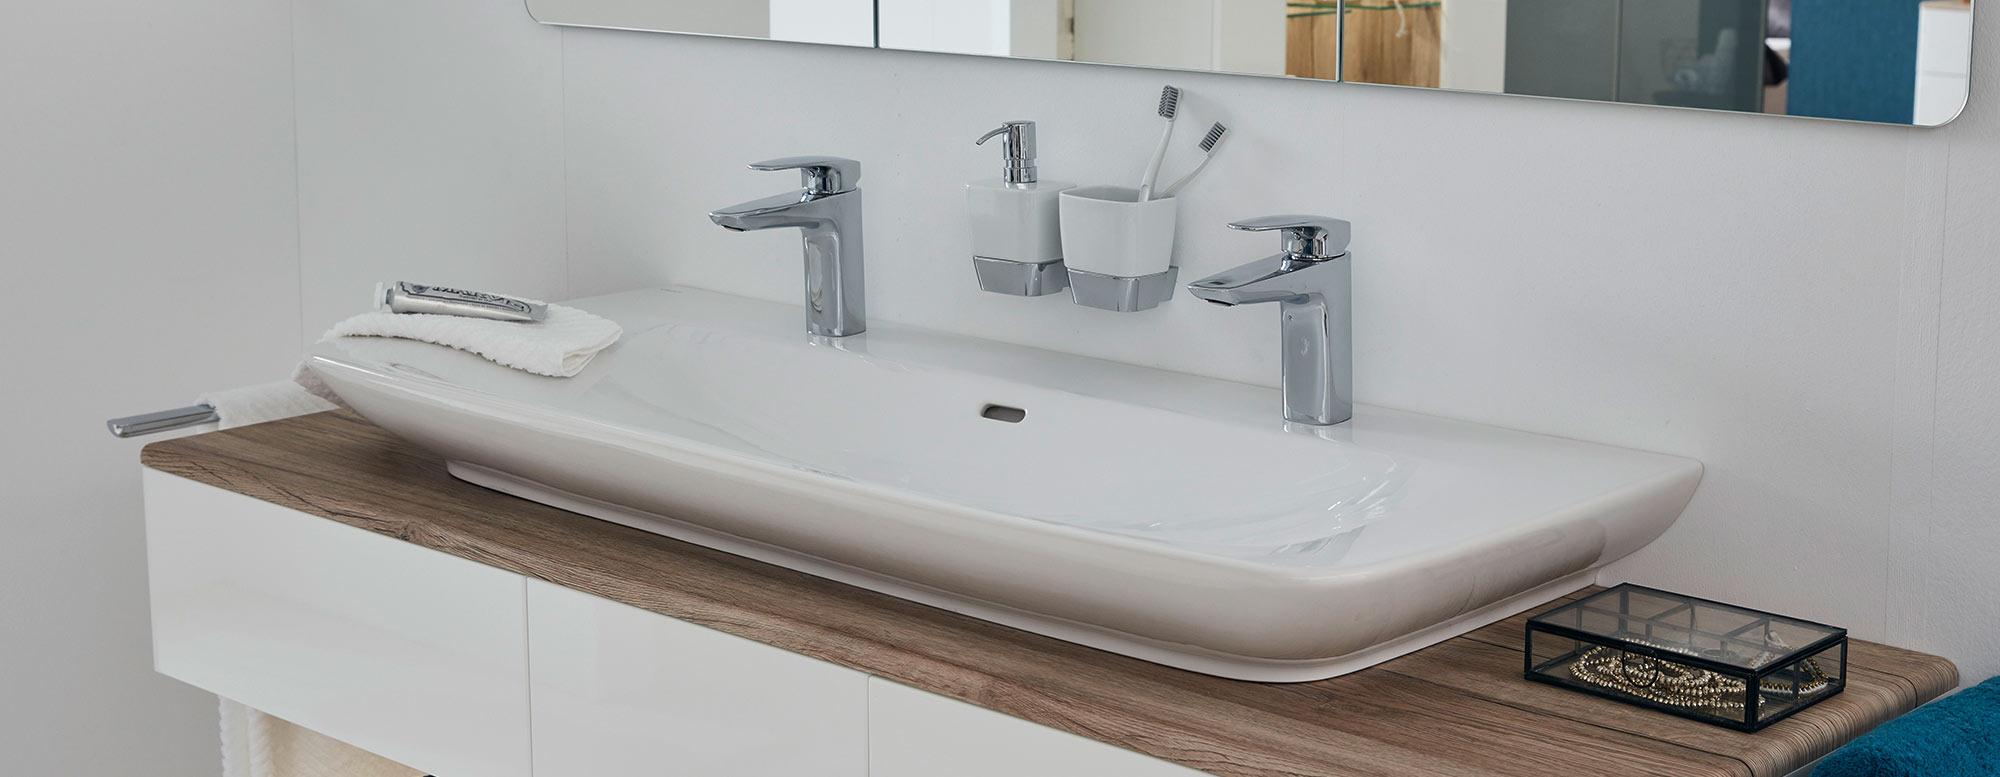 Bad aus einer Hand   Sanitär – Heizung – Klima – Lüftung von Thomas Sieberer